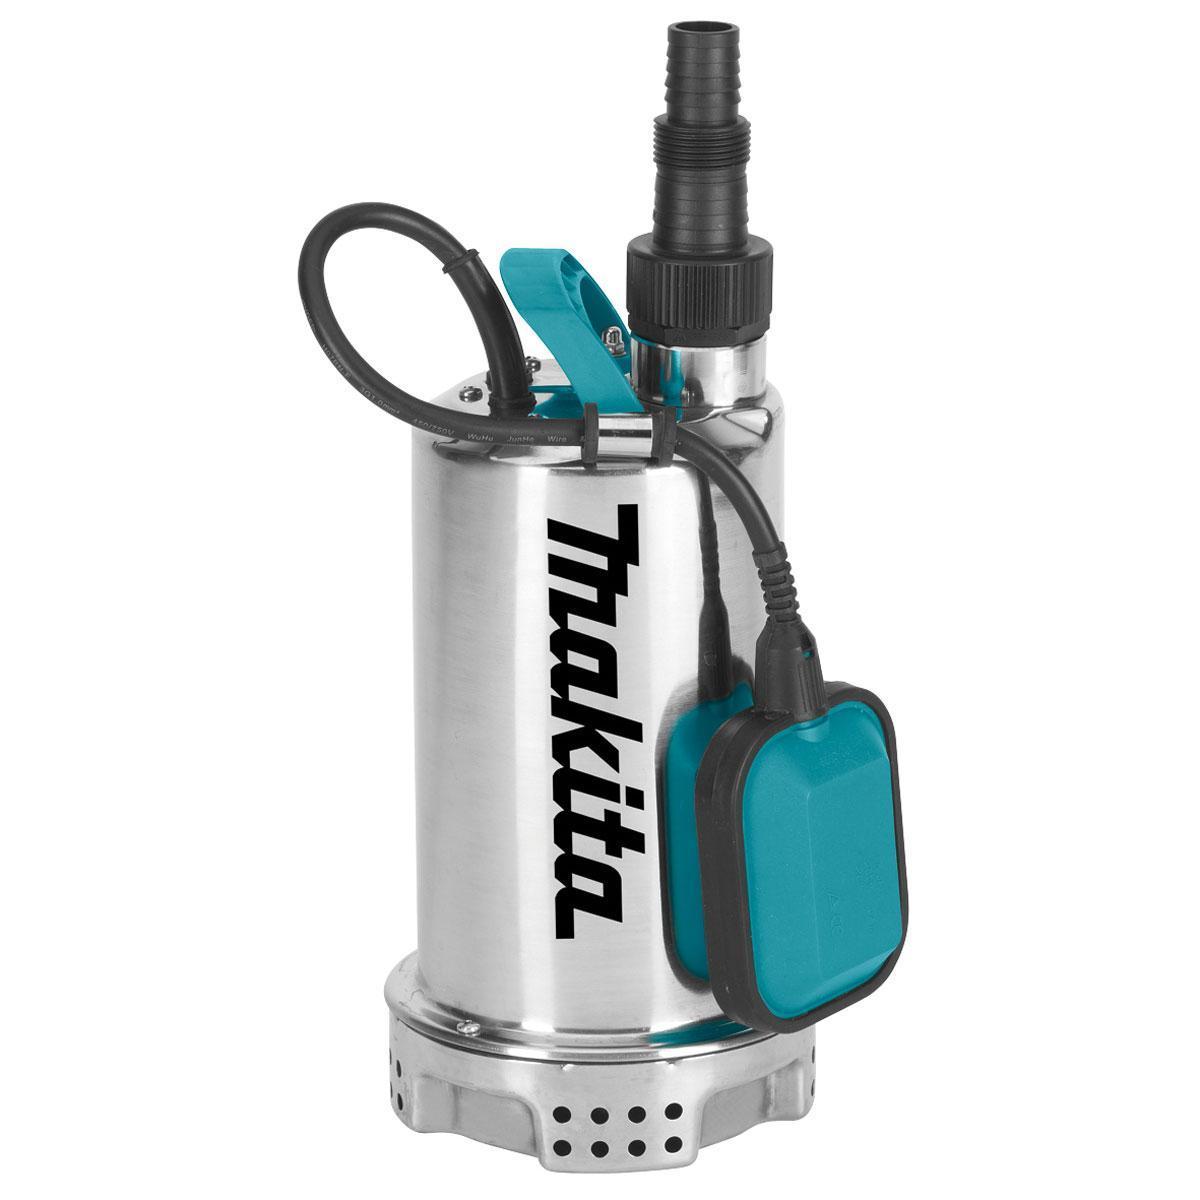 Насос погружной Makita PF1100, для чистой воды773654Погружной насос предназначен для чистой воды. Прочный корпус изготовлен из нержавеющей стали. Двойная резиновая прокладка обеспечивает продолжительный срок службы двигателя. Автоматическое отключения насоса осуществляется поплавком с регулируемым рычагом. Имеется прочная эргономичная ручка для транспортировки насоса. Выпускной патрубок 1/4. Тип защиты корпуса: IPX8,Пропускной размер твердых частиц: 5 мм,Минимальный уровень всасываемой жидкости: 25 мм,Максимальная высота подъема жидкости: 6,5 - 9 м, Максимальная производительность: 7200 - 15000 л/ч.